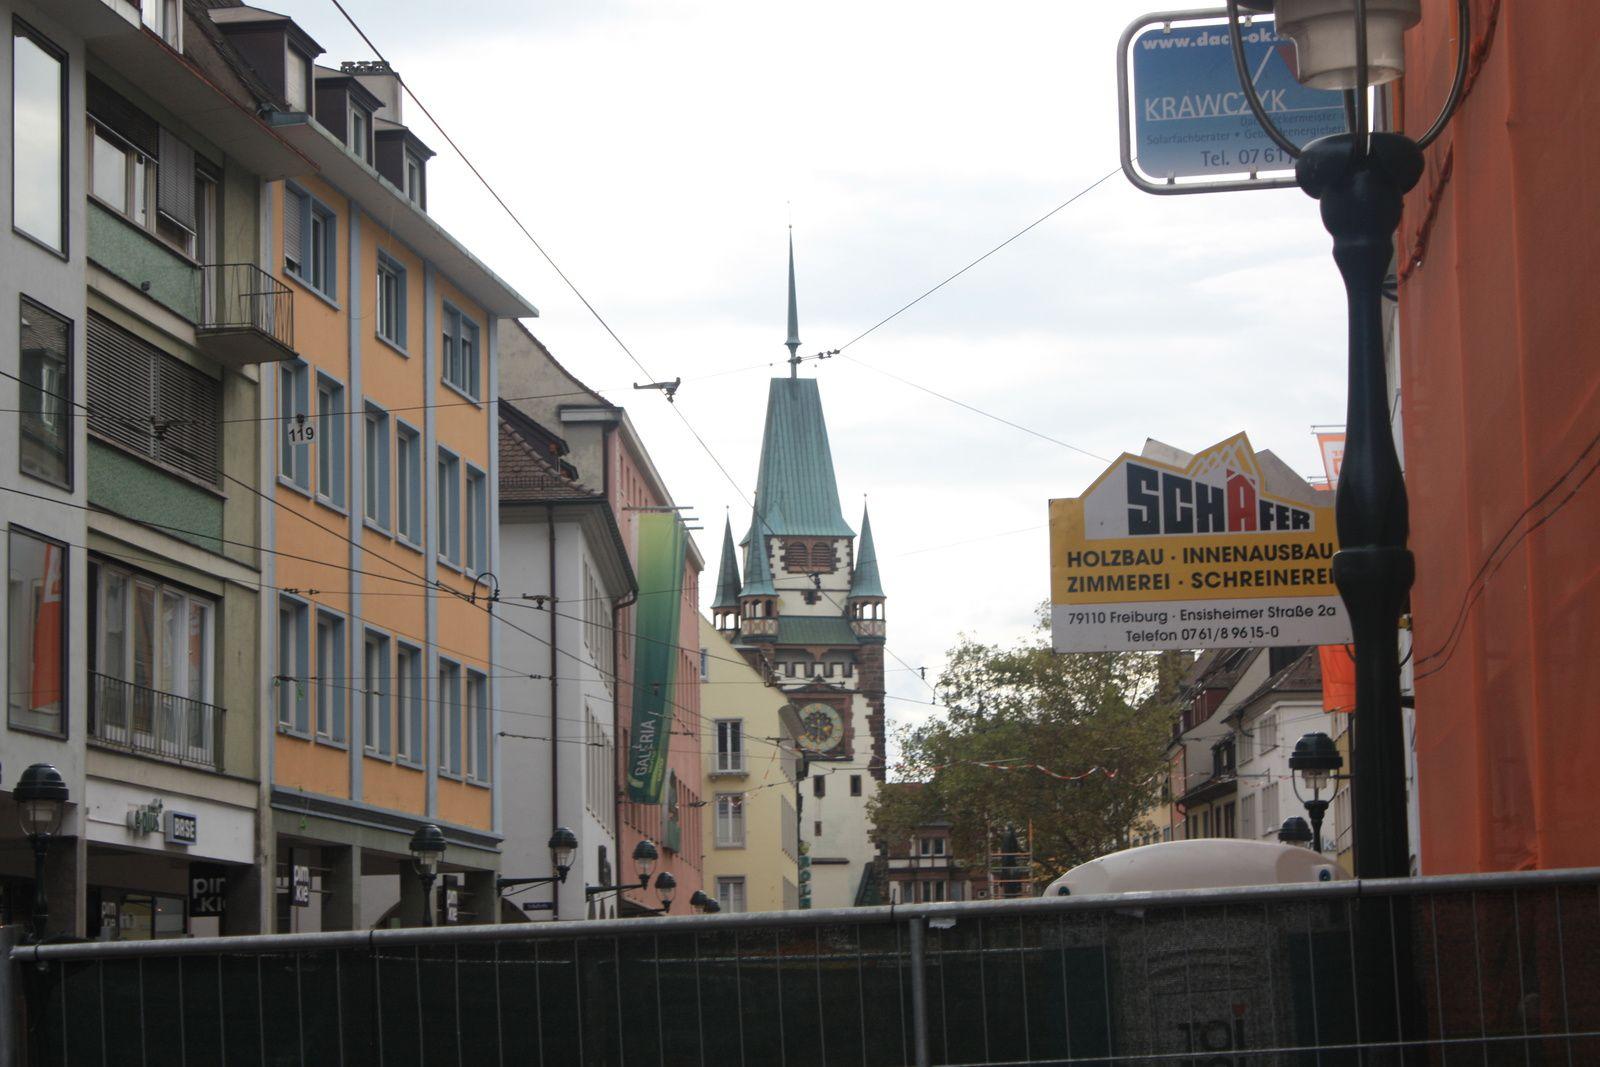 Fribourg : fenêtres ,façades,  et les portes  Martinstor et Schwabentor